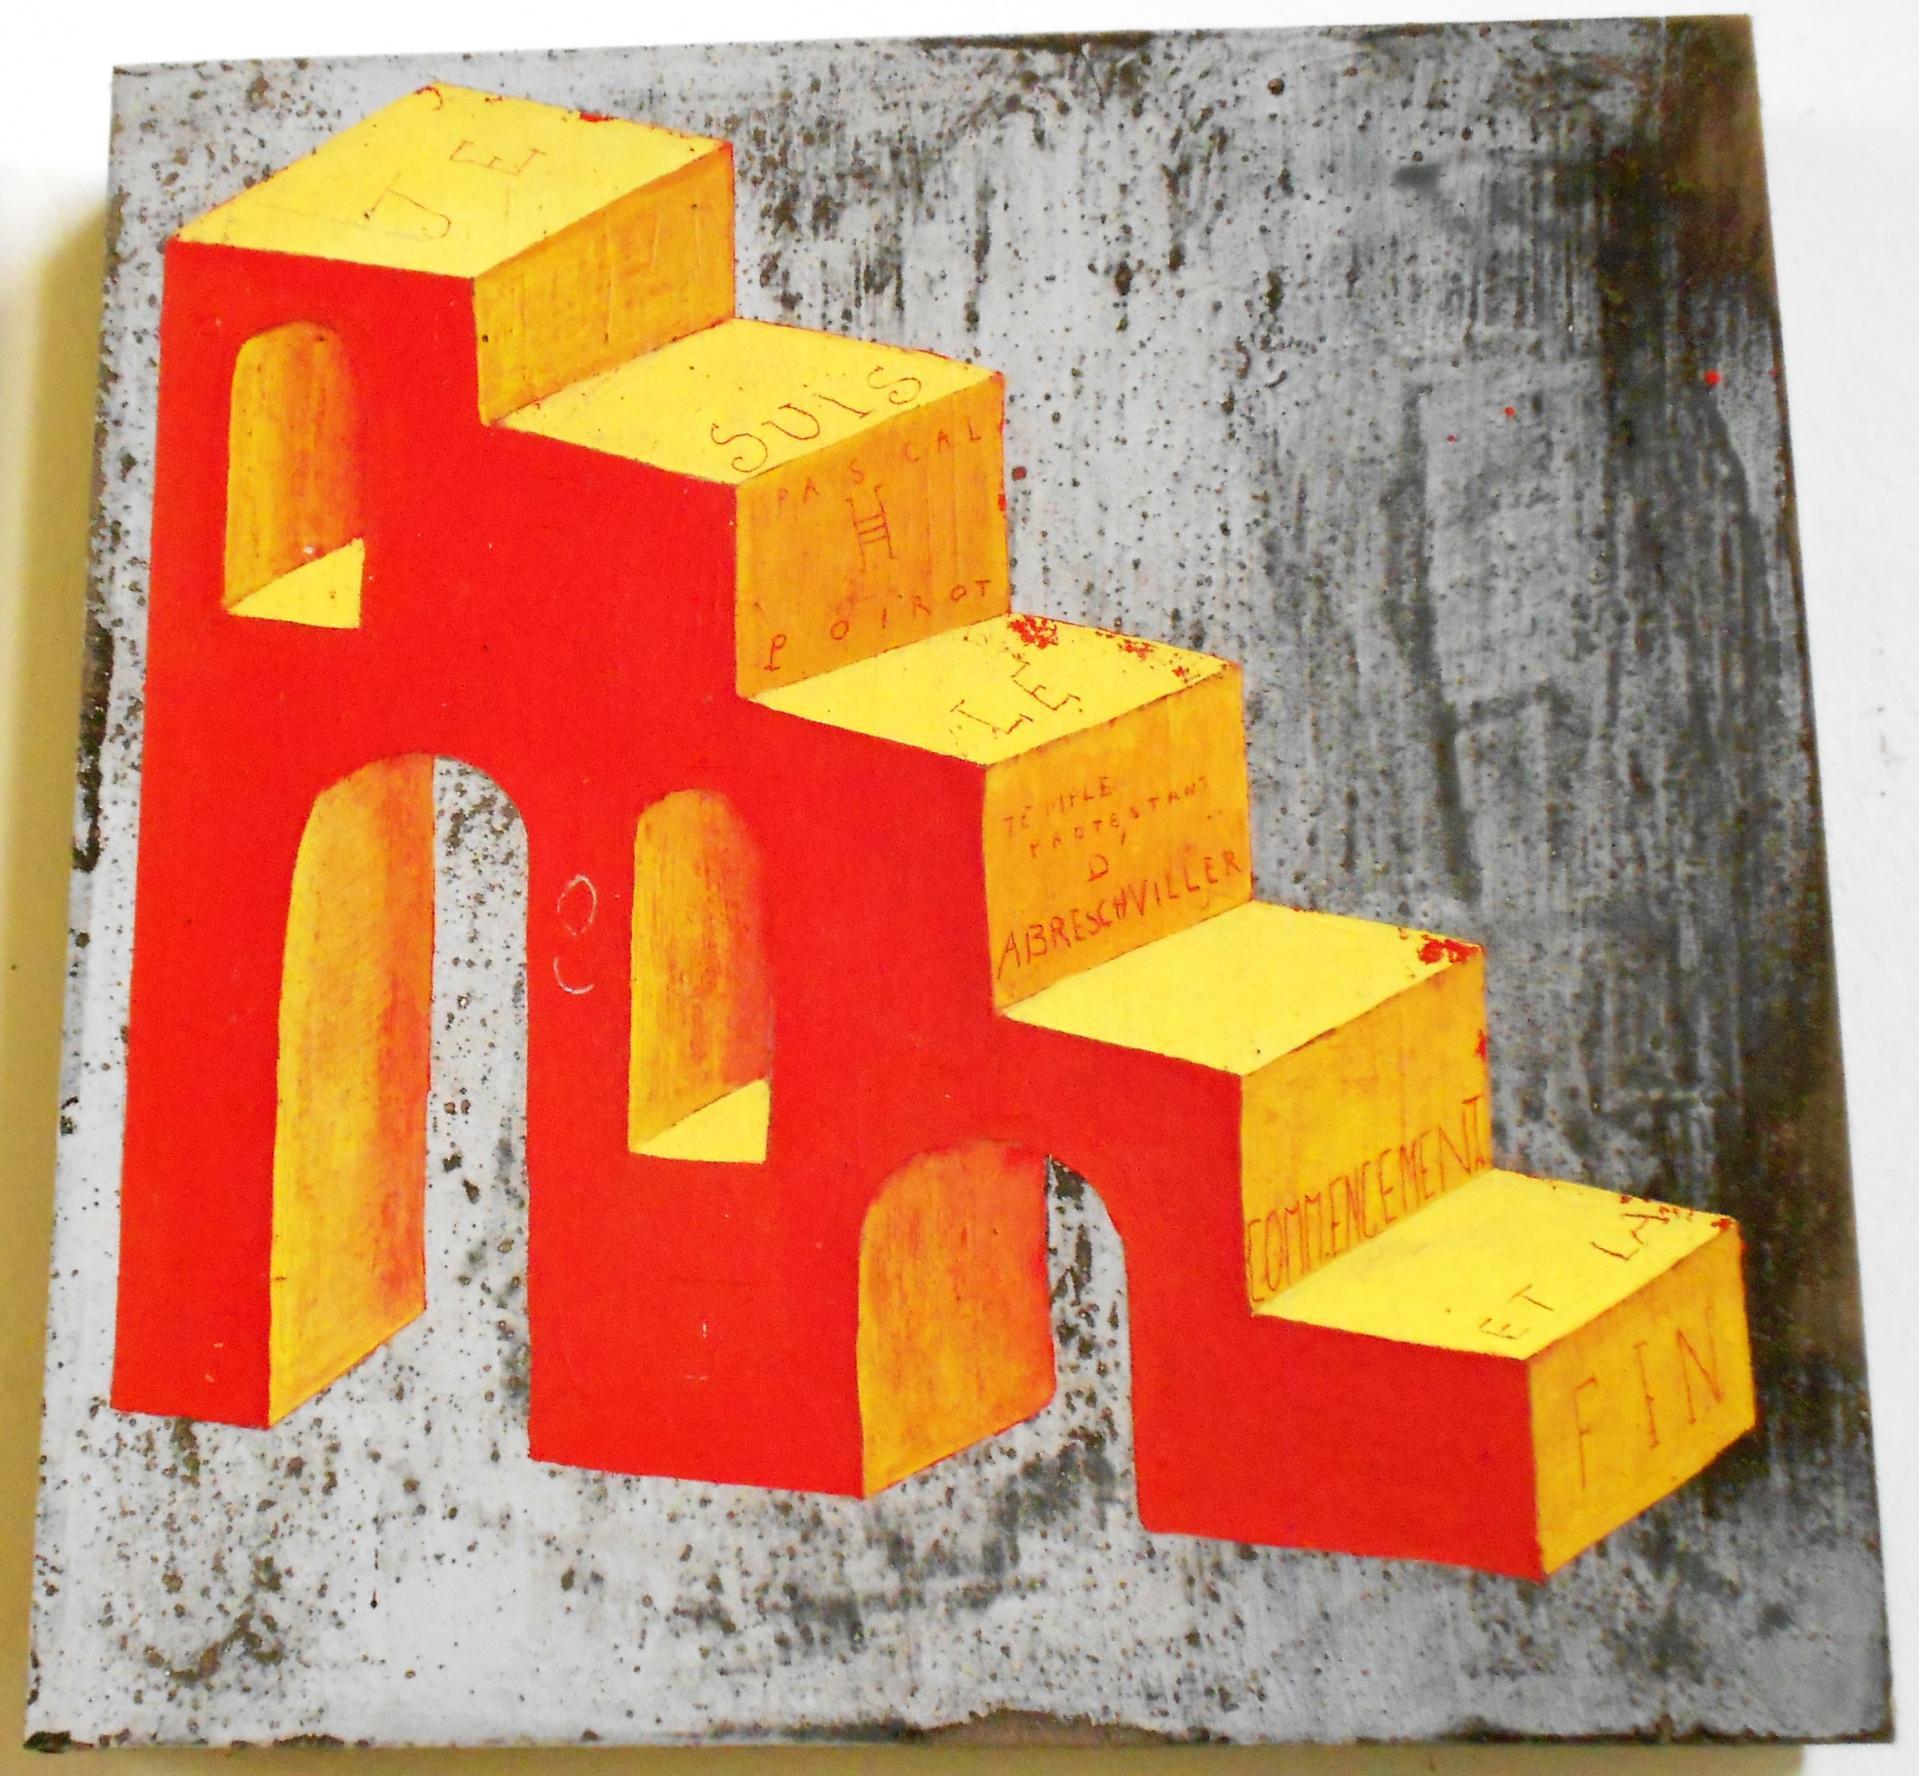 Escalier rouge et jaune